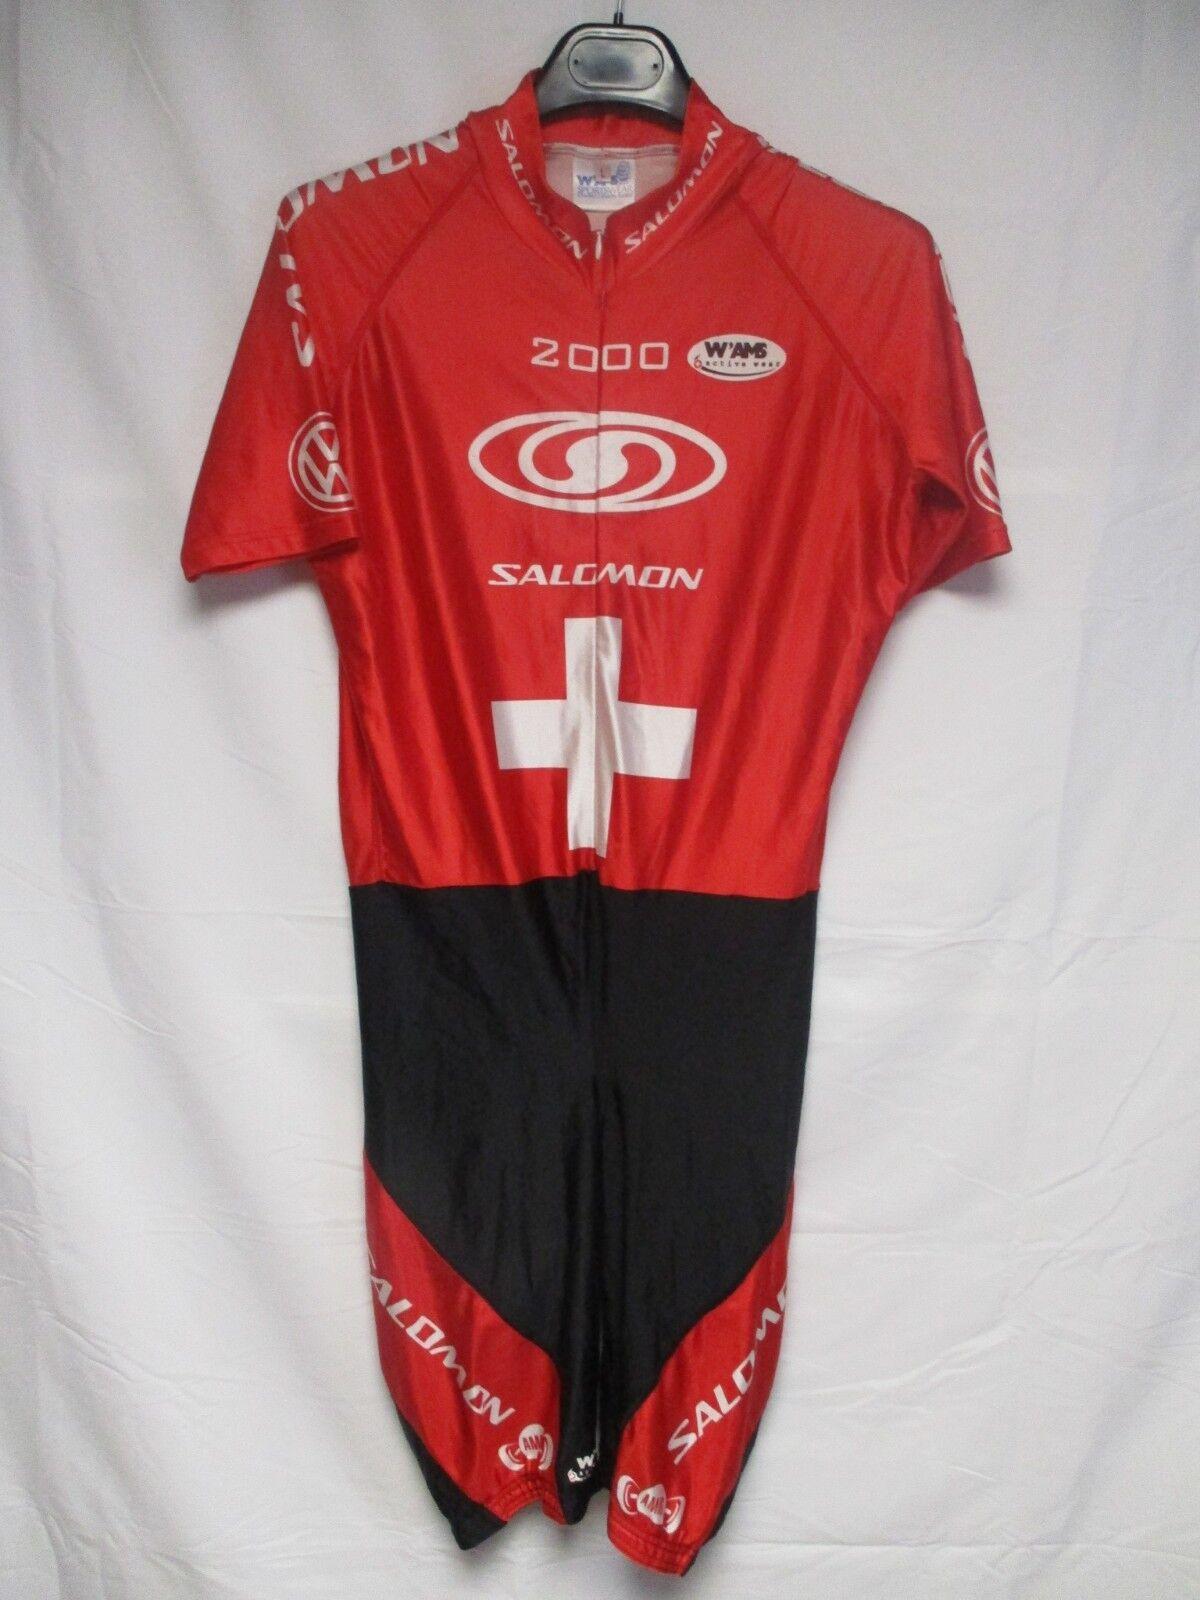 Maillot combi cuissard cycliste SWITZERLAND SUISSE SALOMON 2000 shirt trikot L